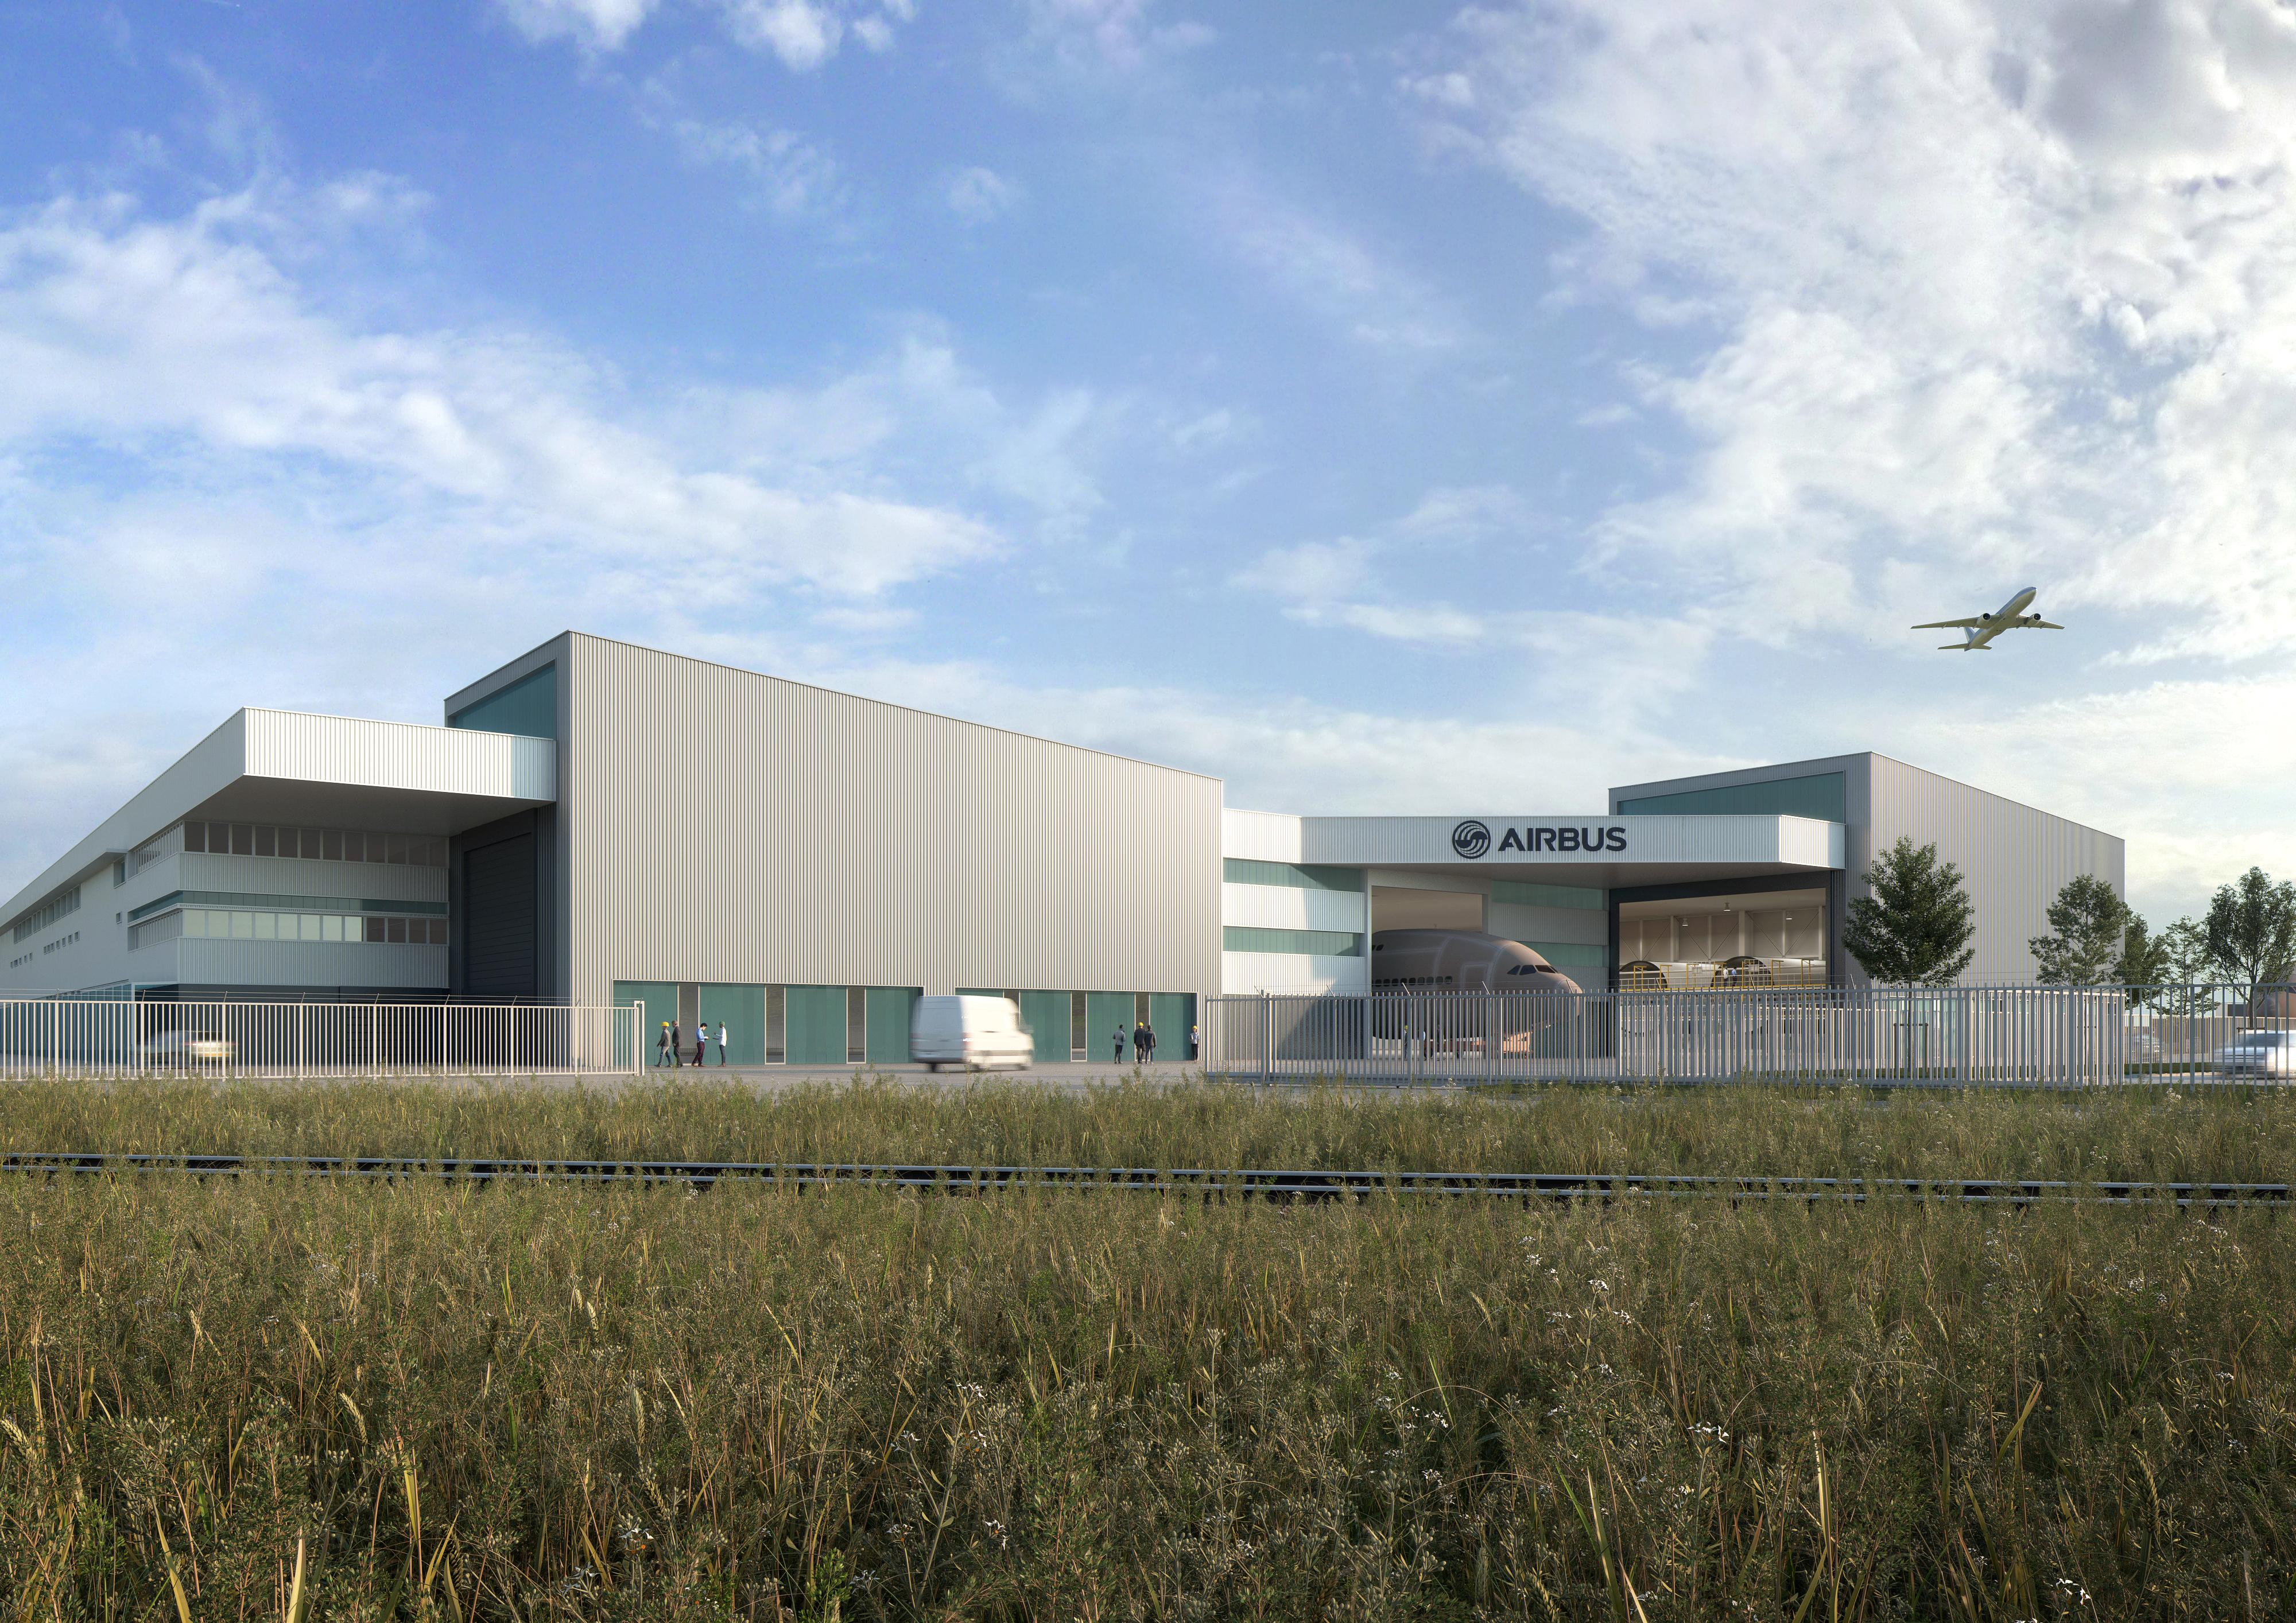 Studio Persevoir Jean François Schmit Architectes et Associés Aménagement Du Centre De Maintenance Airbus St Nazaire Loire-Atlantique Image 3D Perspective 3D